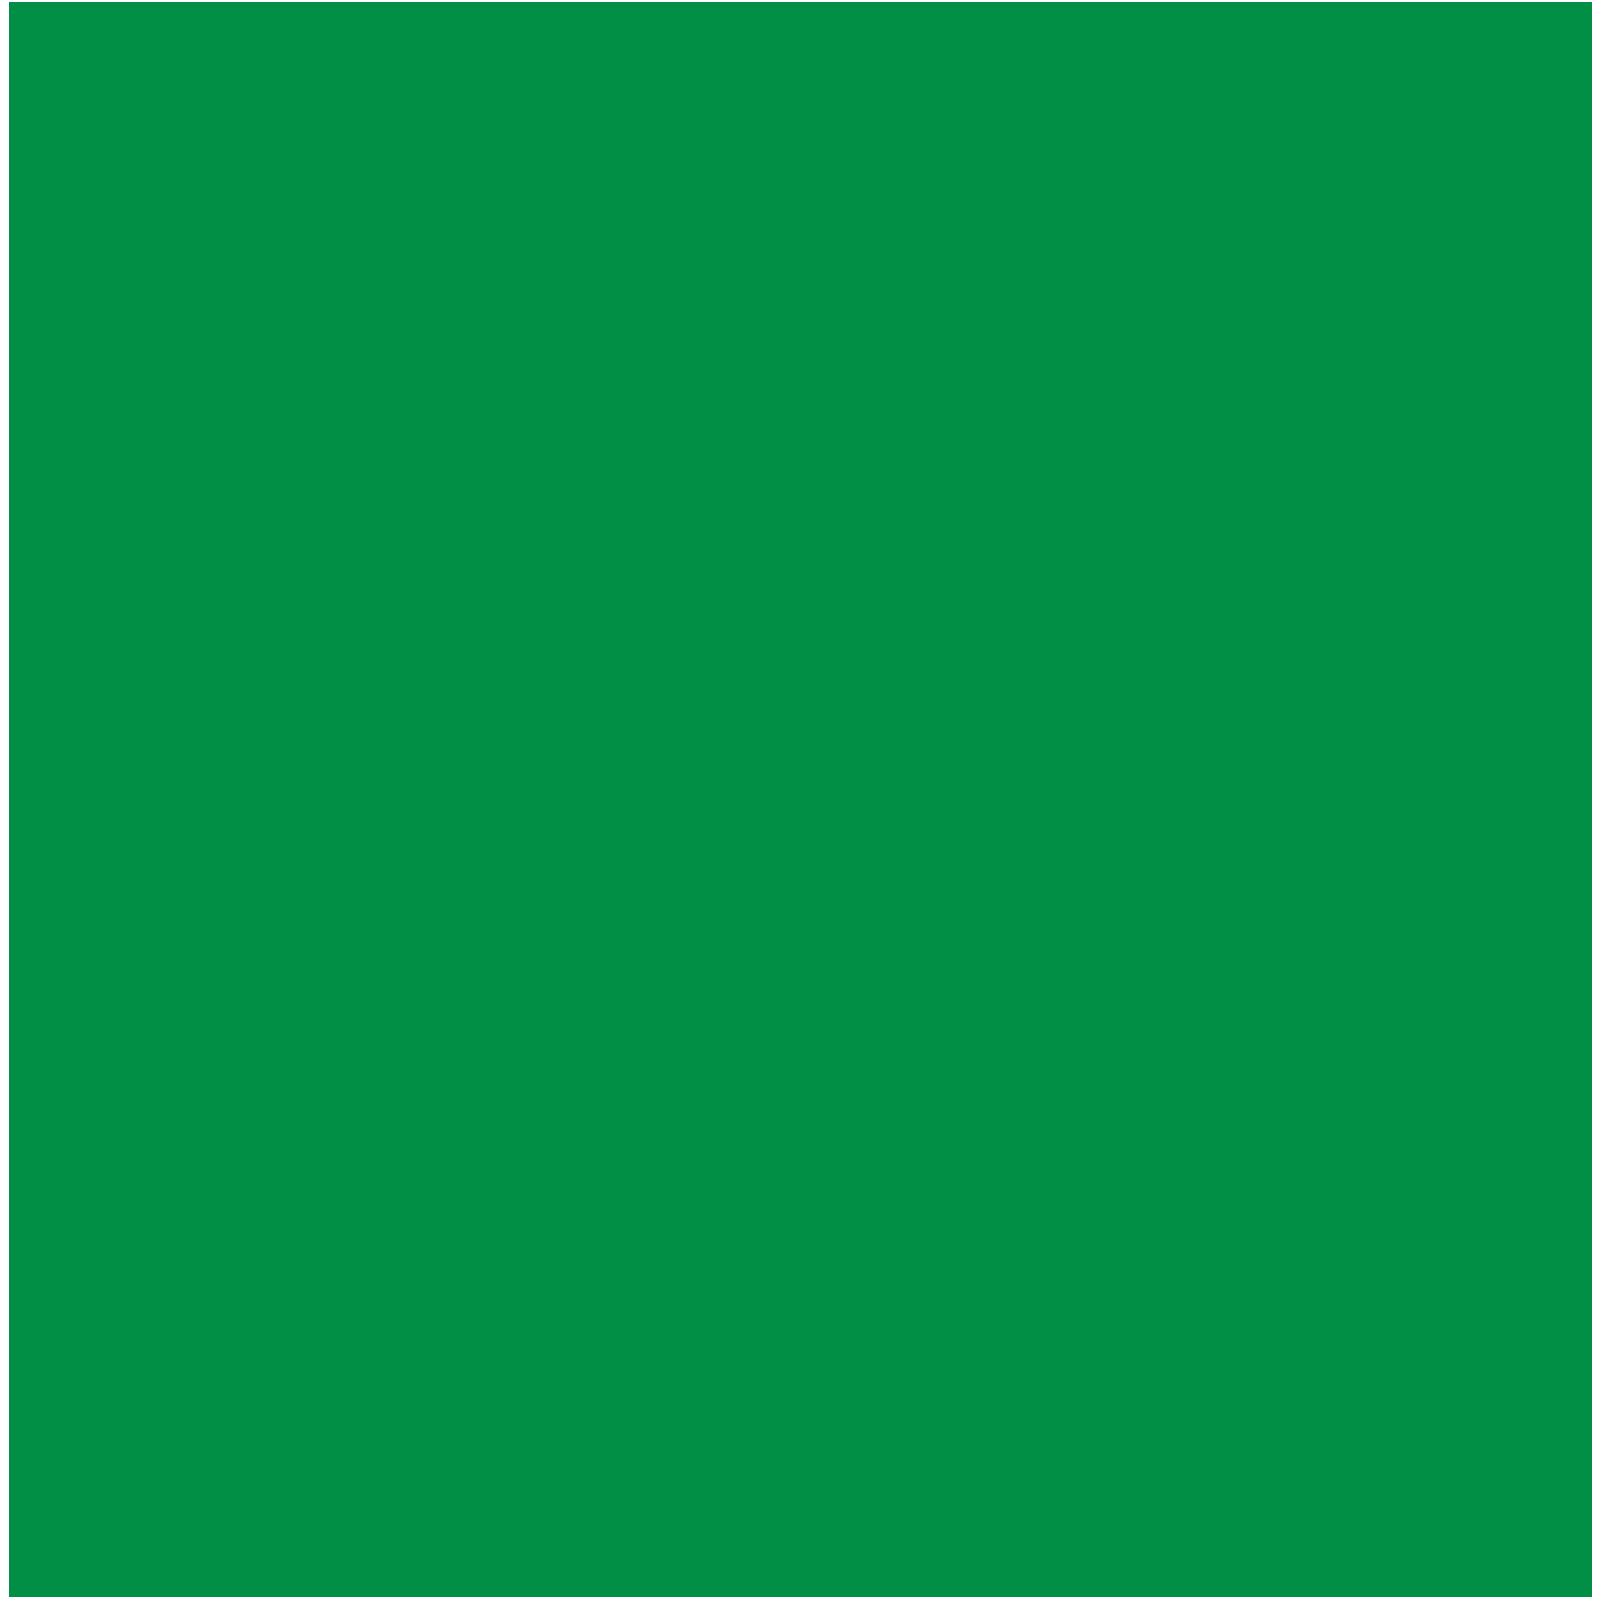 Icona: Due persone che si incontrano e si stringono la mano